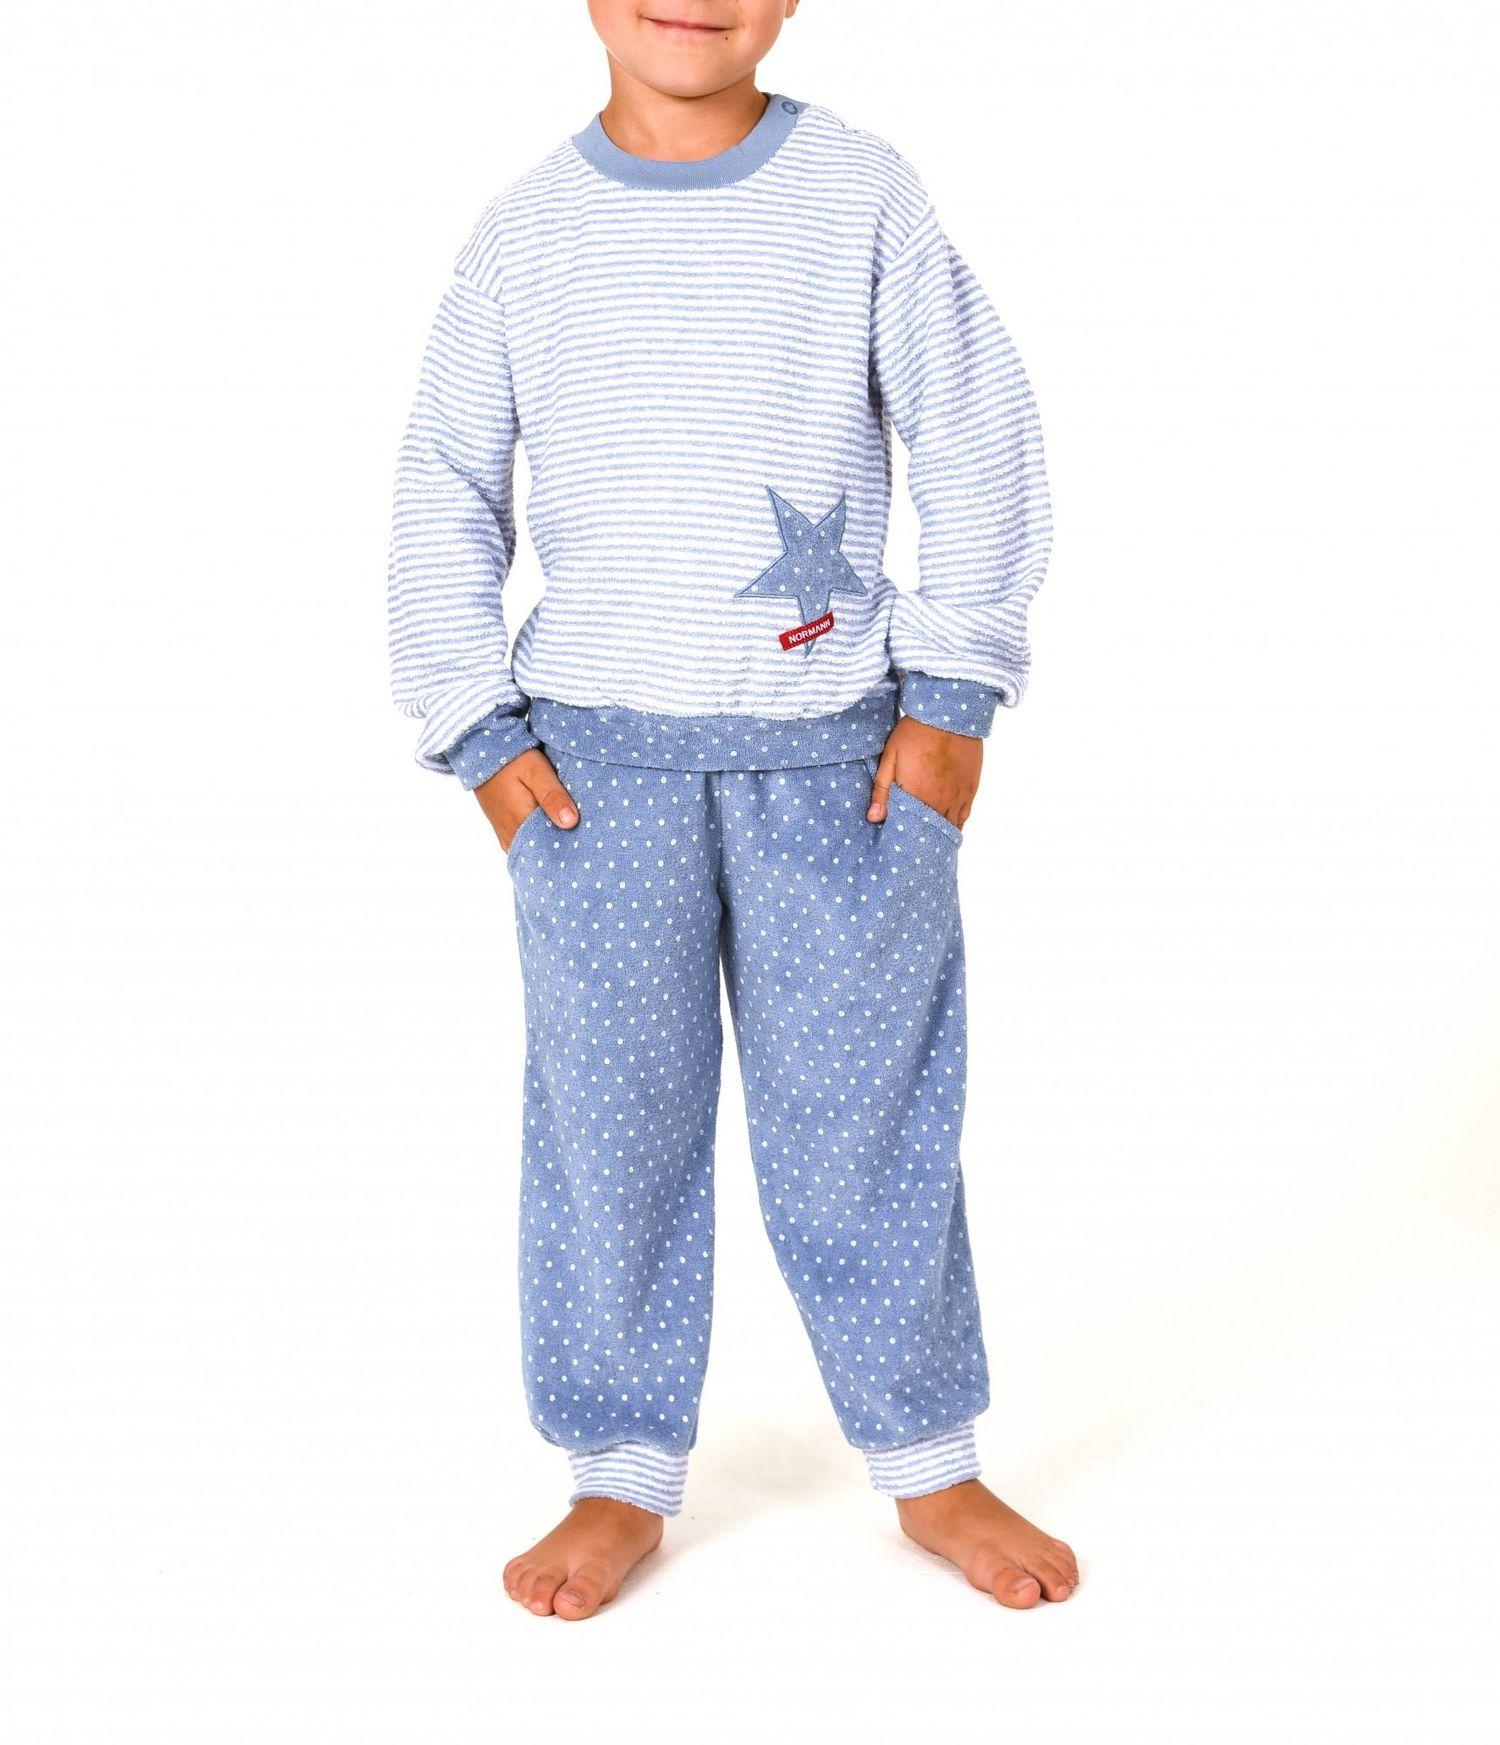 Mädchen Frottee Pyjama lang mit Bündchen - Tupfen und Streifenoptik - 57398 – Bild 2